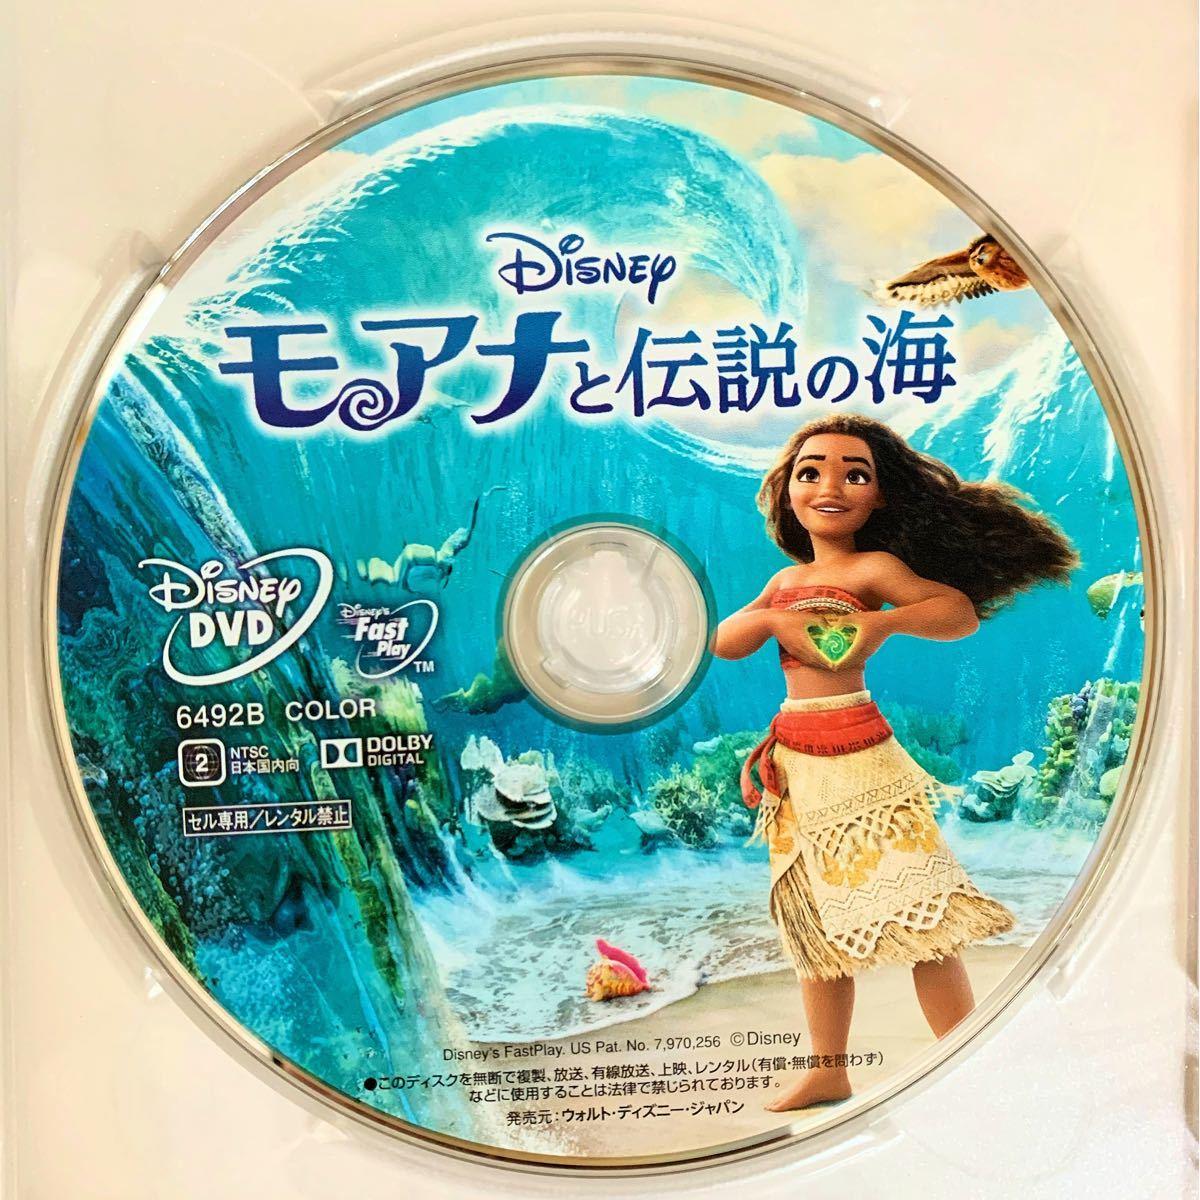 モアナと伝説の海 DVD【国内正規版】新品未再生 MovieNEX  ディズニー